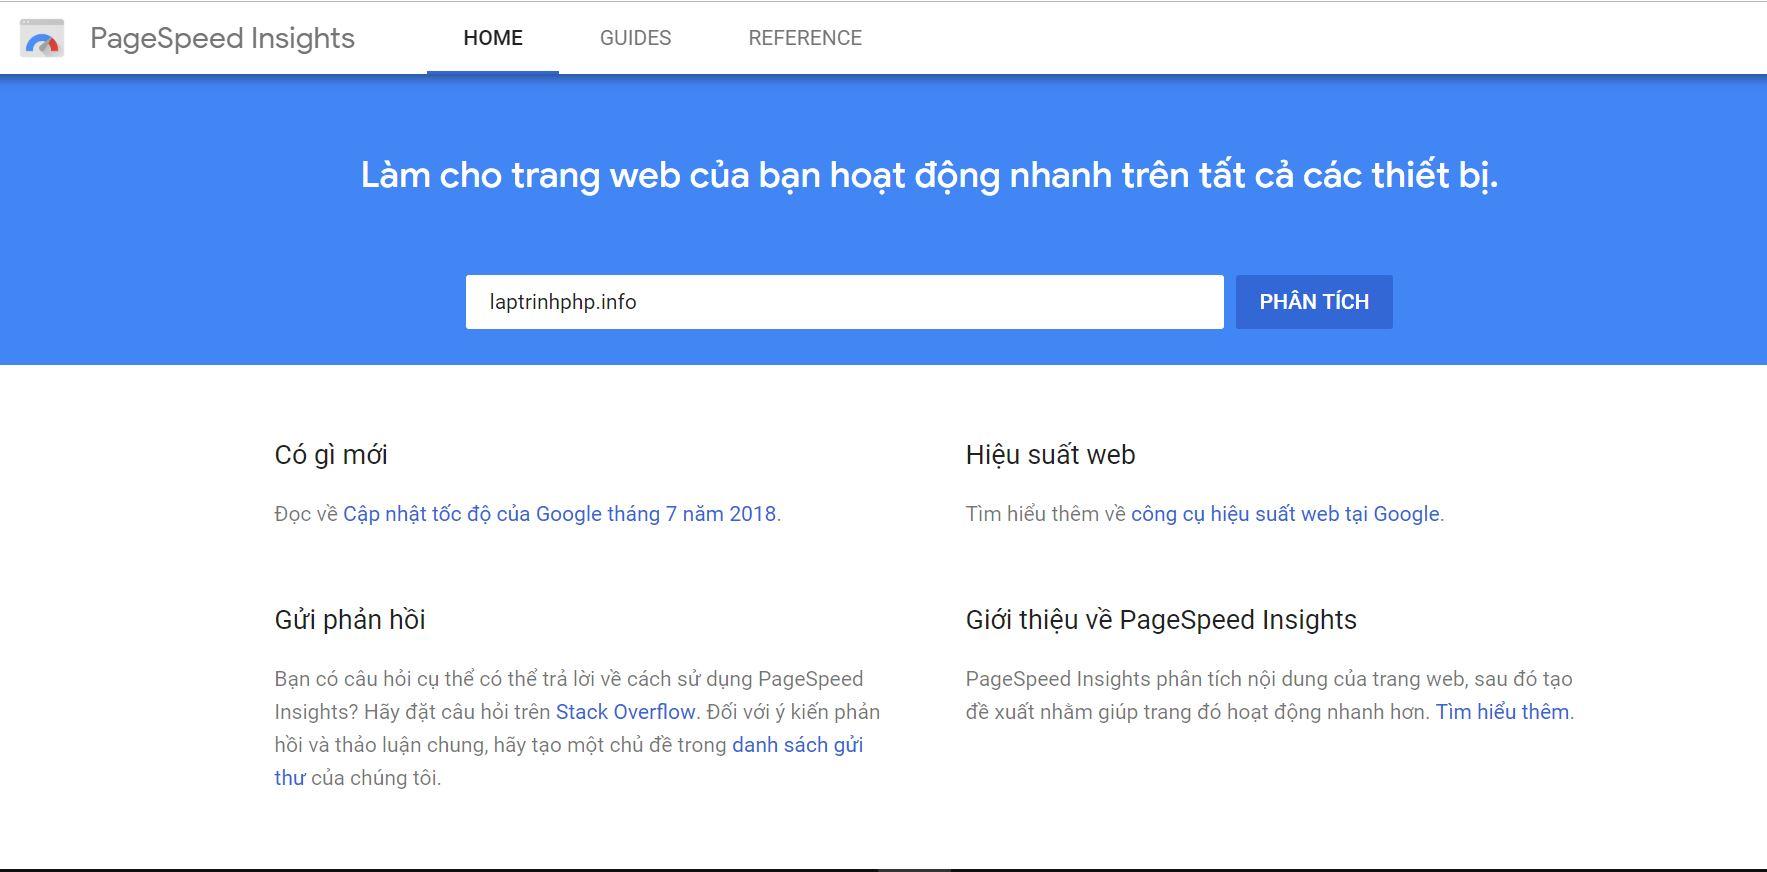 Những công cụ kiểm tra hiệu suất website hiệu quả và miễn phí